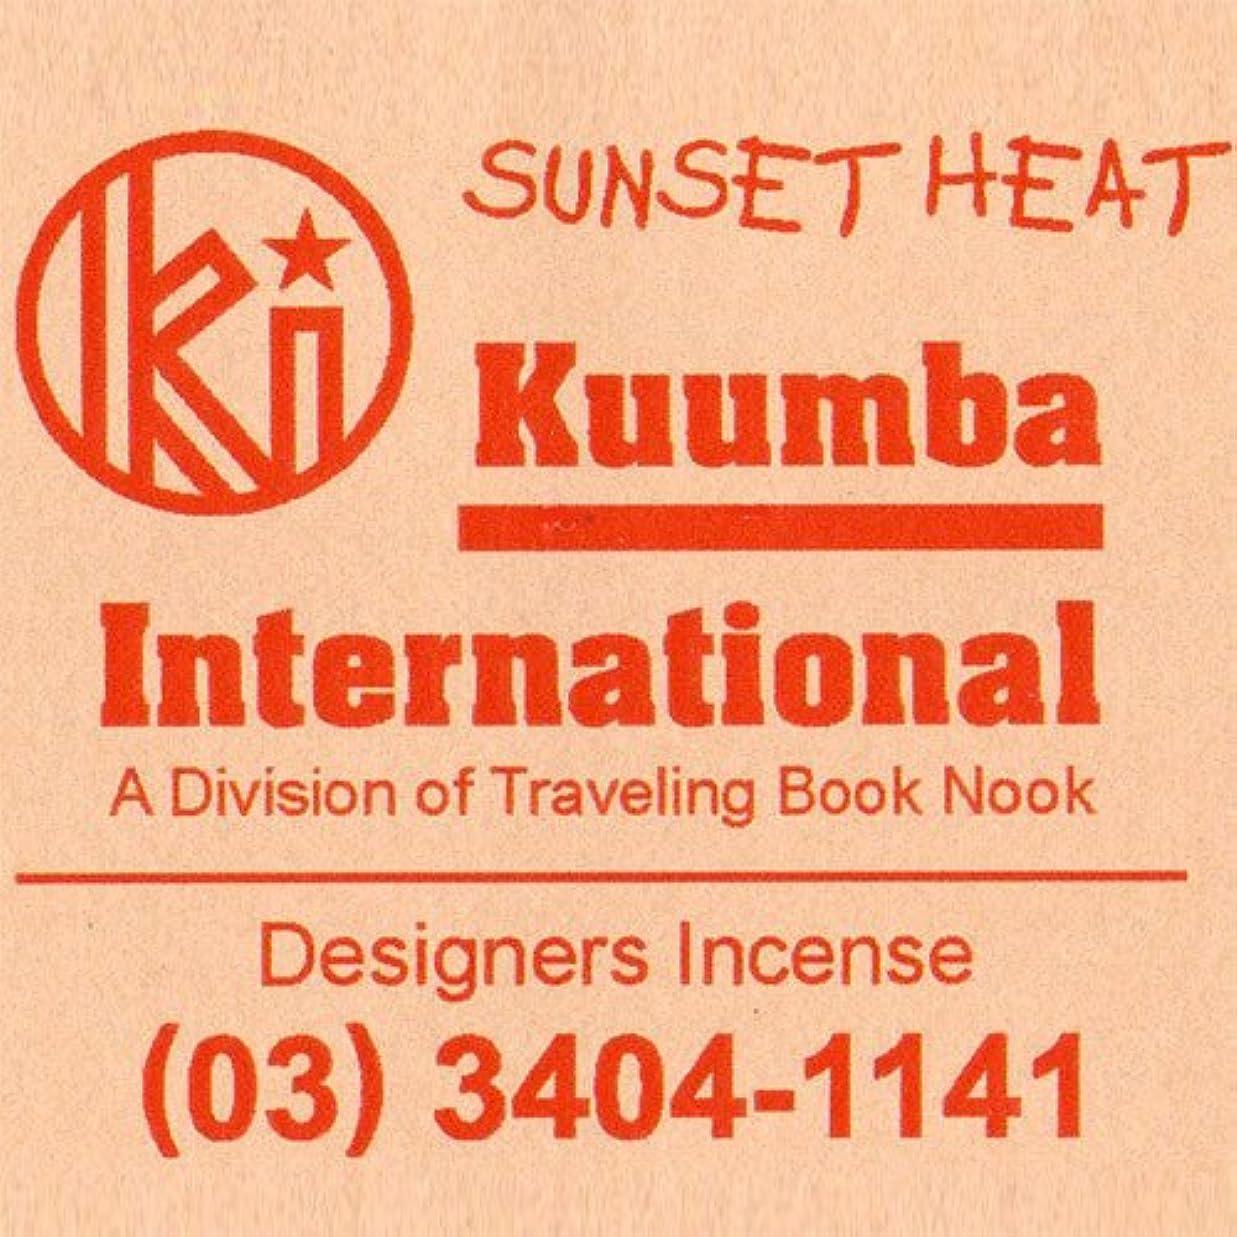 楽なボール海洋のKUUMBA / クンバ『incense』(SUNSET HEAT) (Regular size)